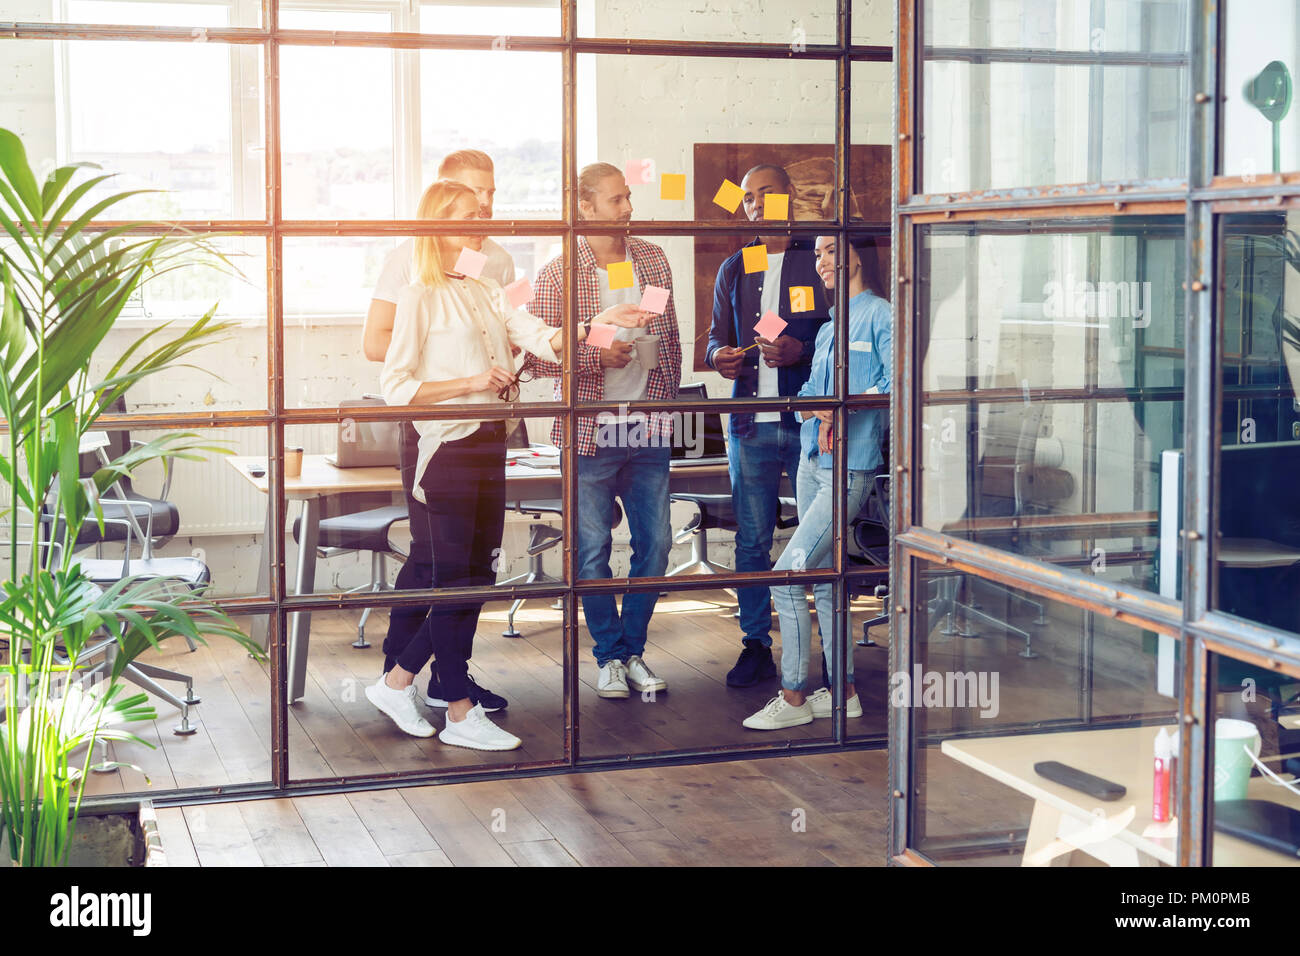 Gemeinsame Nutzung von Geschäftsideen. Volle Länge des jungen modernen Menschen in Smart Casual Wear mit Klebeband fest, während hinter der Glaswand im Raum stehen. Stockbild